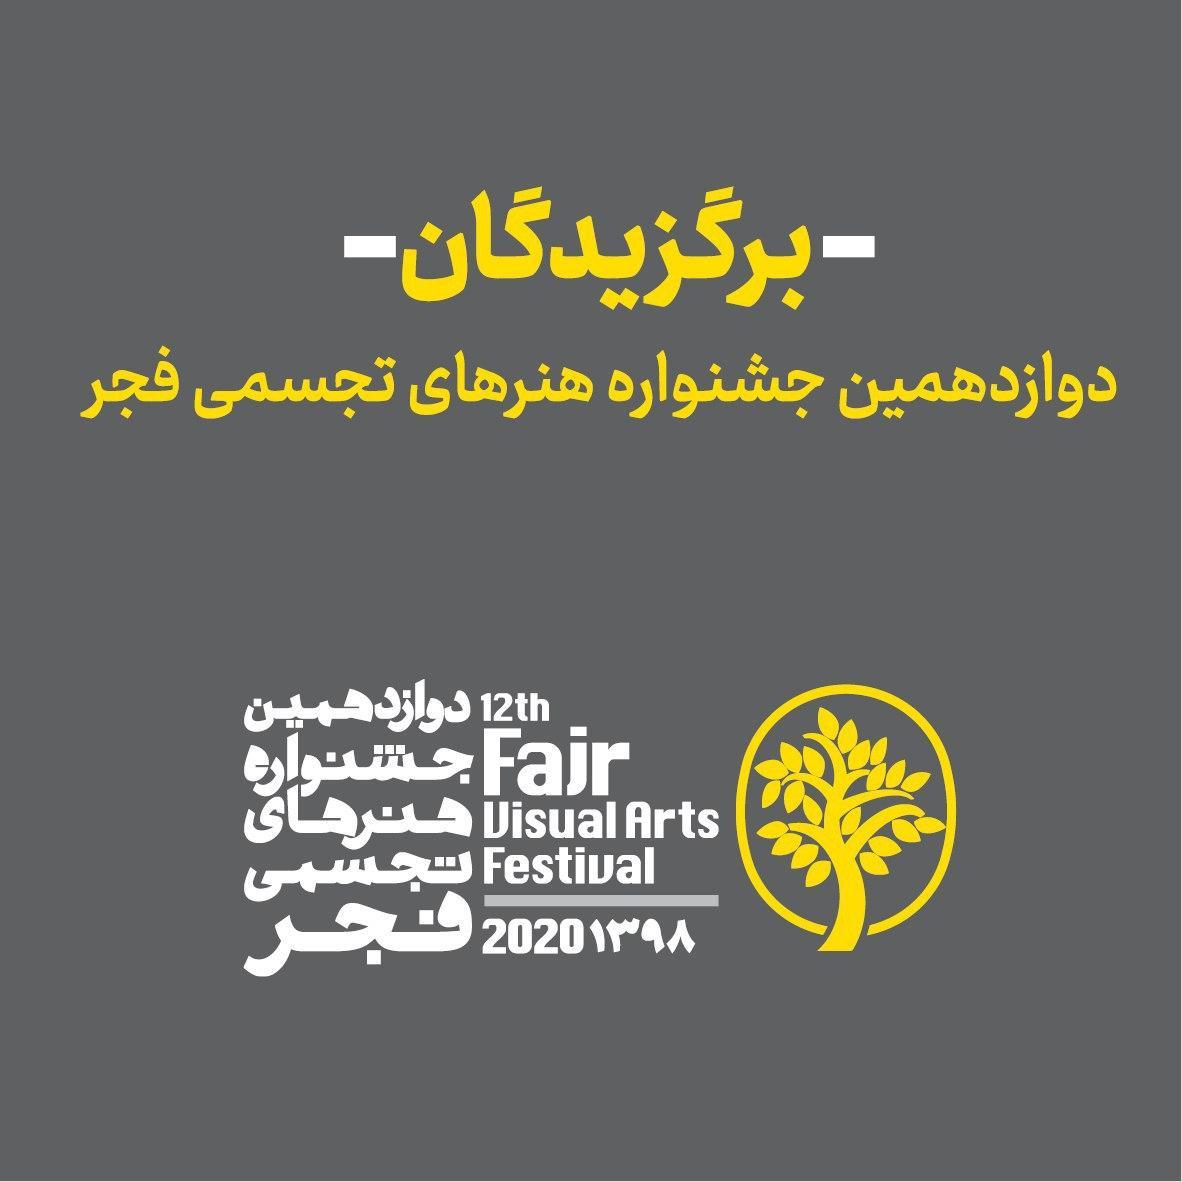 اعلام برگزیدگان دوازدهمین جشنواره هنرهای تجسمی فجر